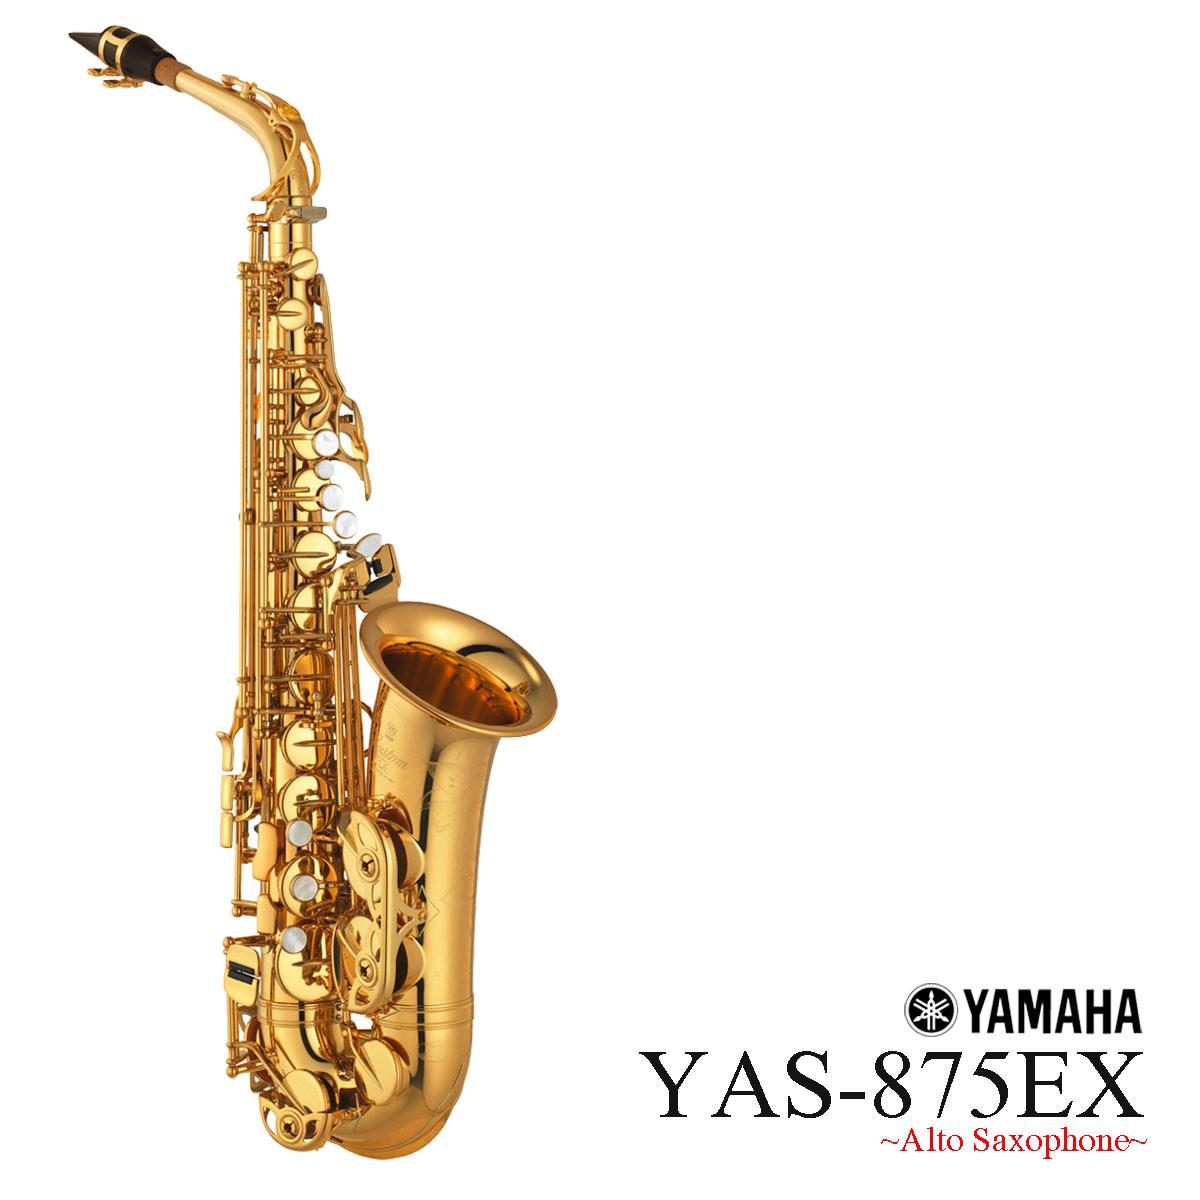 【タイムセール:29日12時まで】【在庫あり】YAMAHA / YAS-875EX ヤマハ カスタムEX アルトサックス《未展示新品》《出荷前調整》【5年保証】